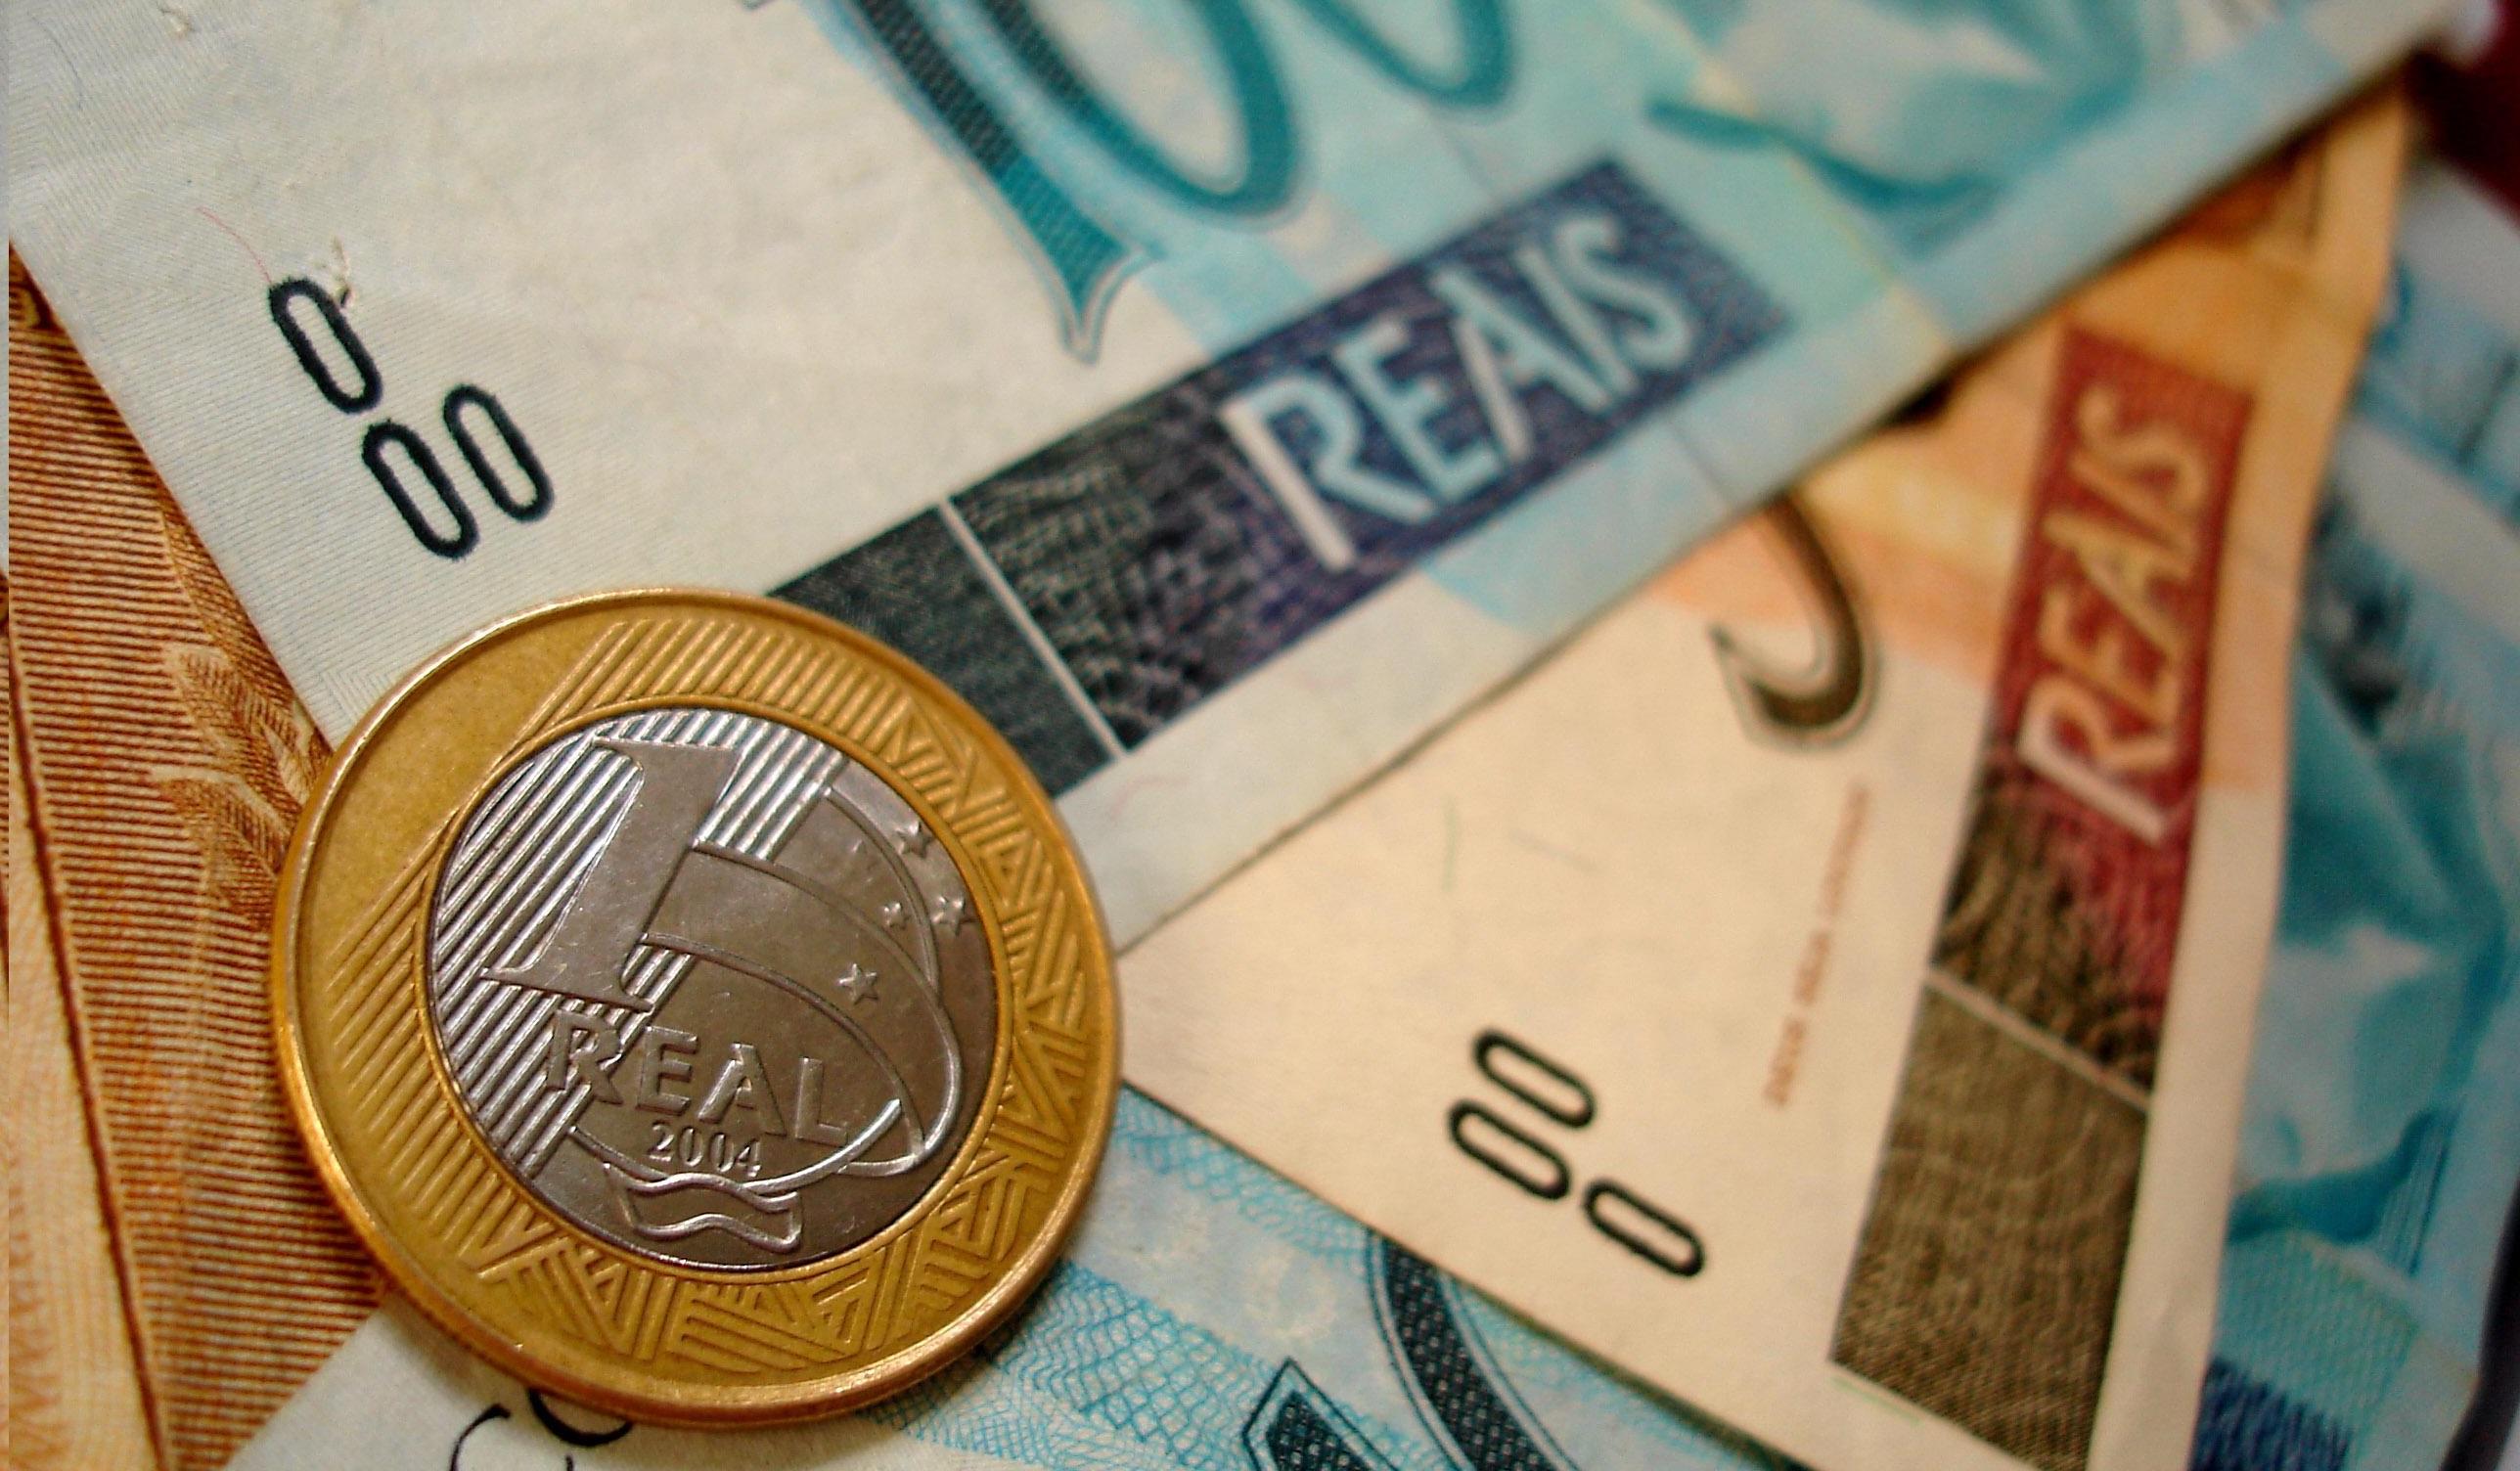 Reforma tributária é aprovada na CCJ e segue para comissão especial